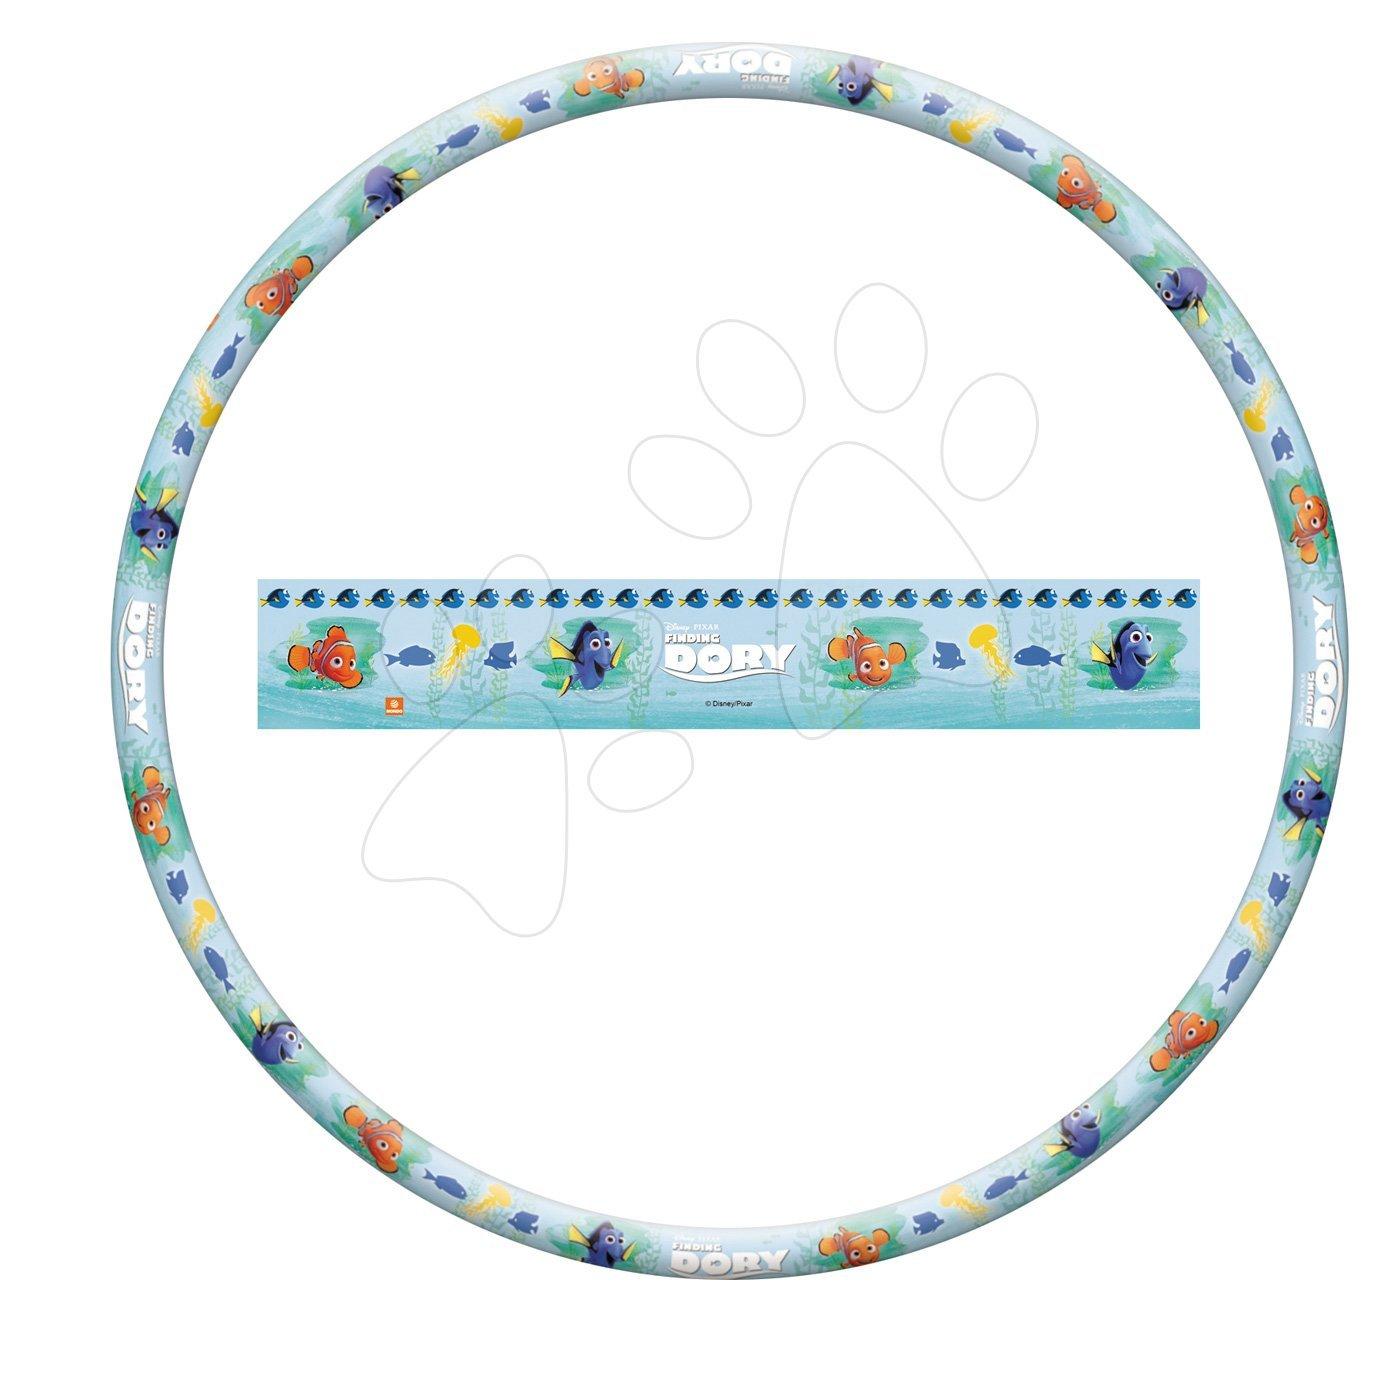 Športové hry pre najmenších - Kruh na cvičenie Hľadá sa Dory Hula Hoop Mondo priemer 80 cm